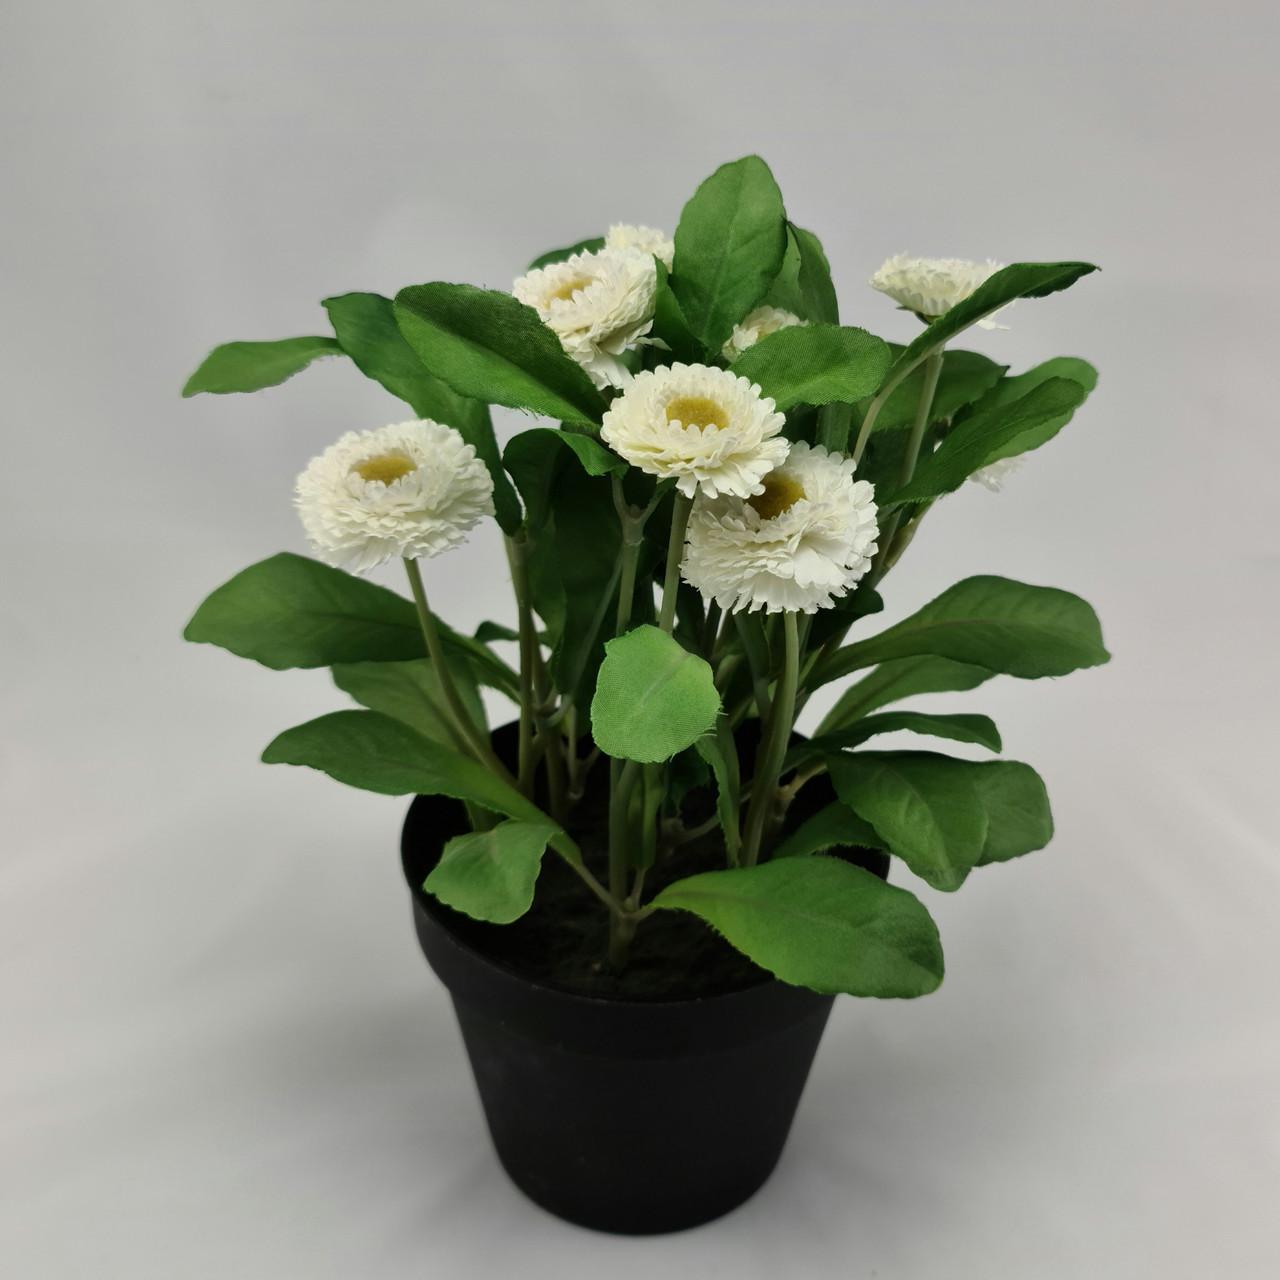 ФЕЙКА Искусственное растение в горшке, Маргаритка, 12 см, ИКЕА, IKEA, FEJKA